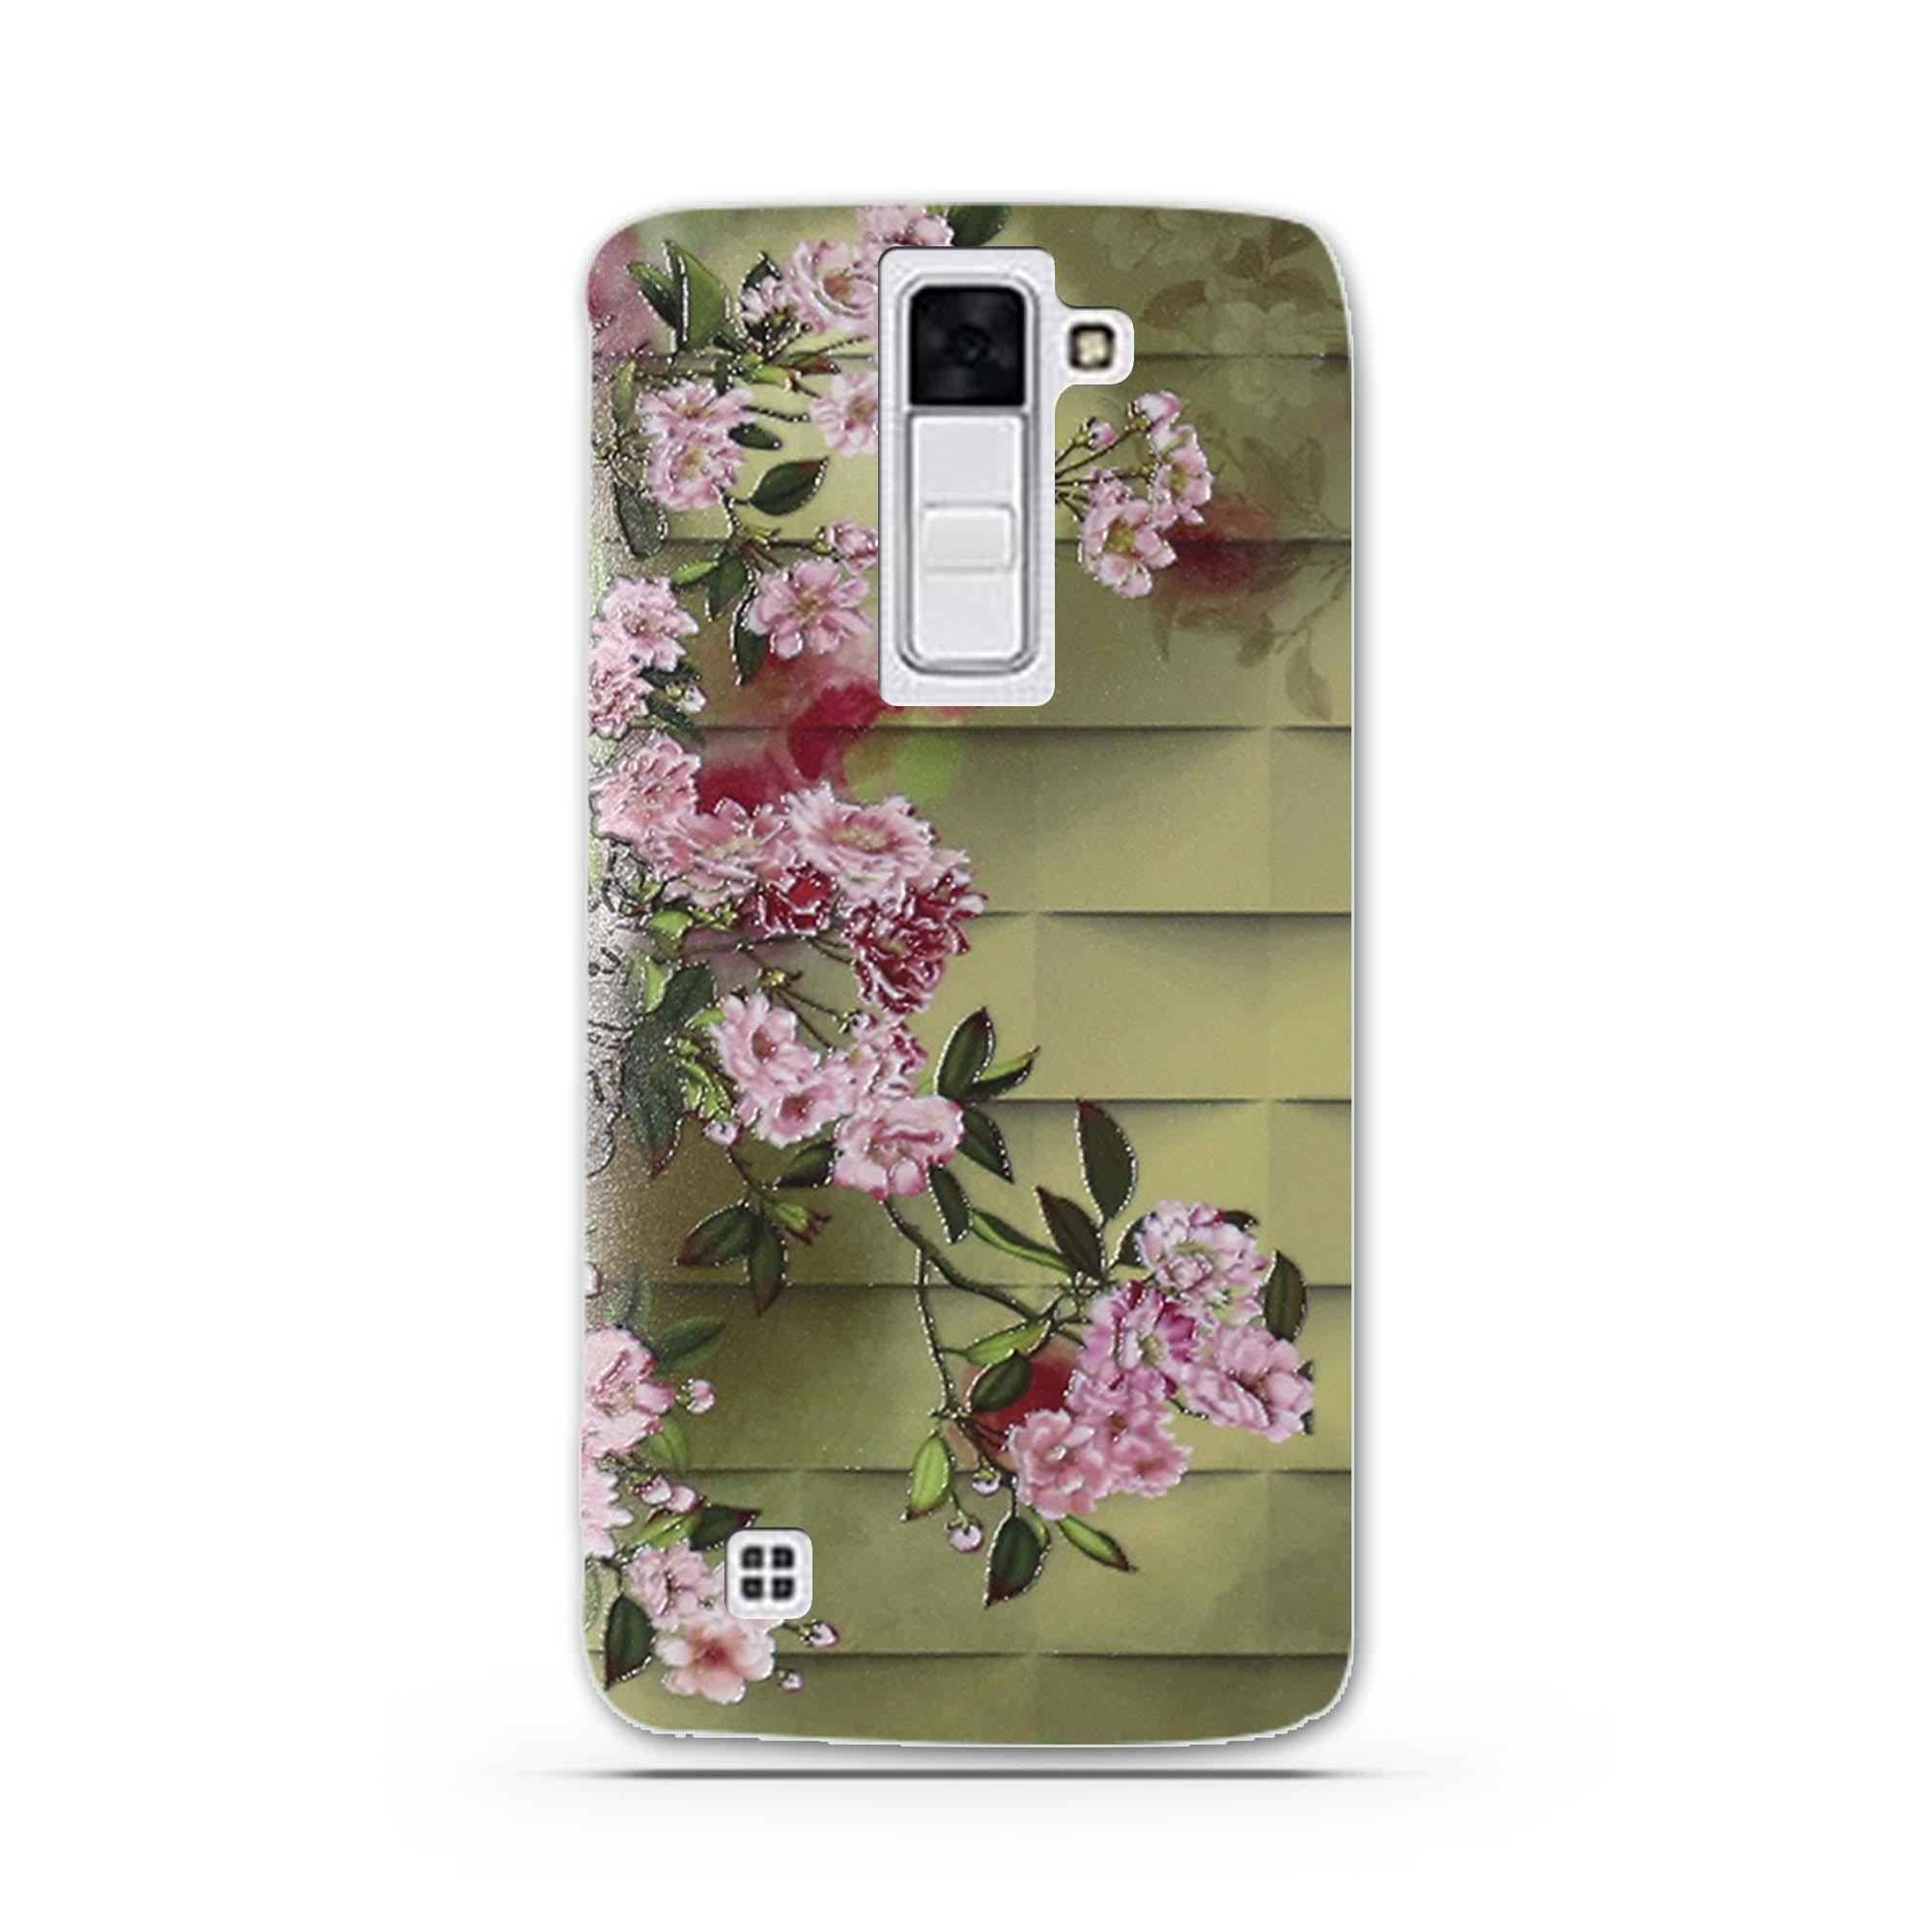 """Case Miękka TPU Luksusowe 3D Ulga Druk Pokrywy Skrzynka Dla LG K8 Lte K350 K350E K350N 5.0 """"K 8 Telefon Powrót Silicon Pokrywa Bag Sprawach 8"""